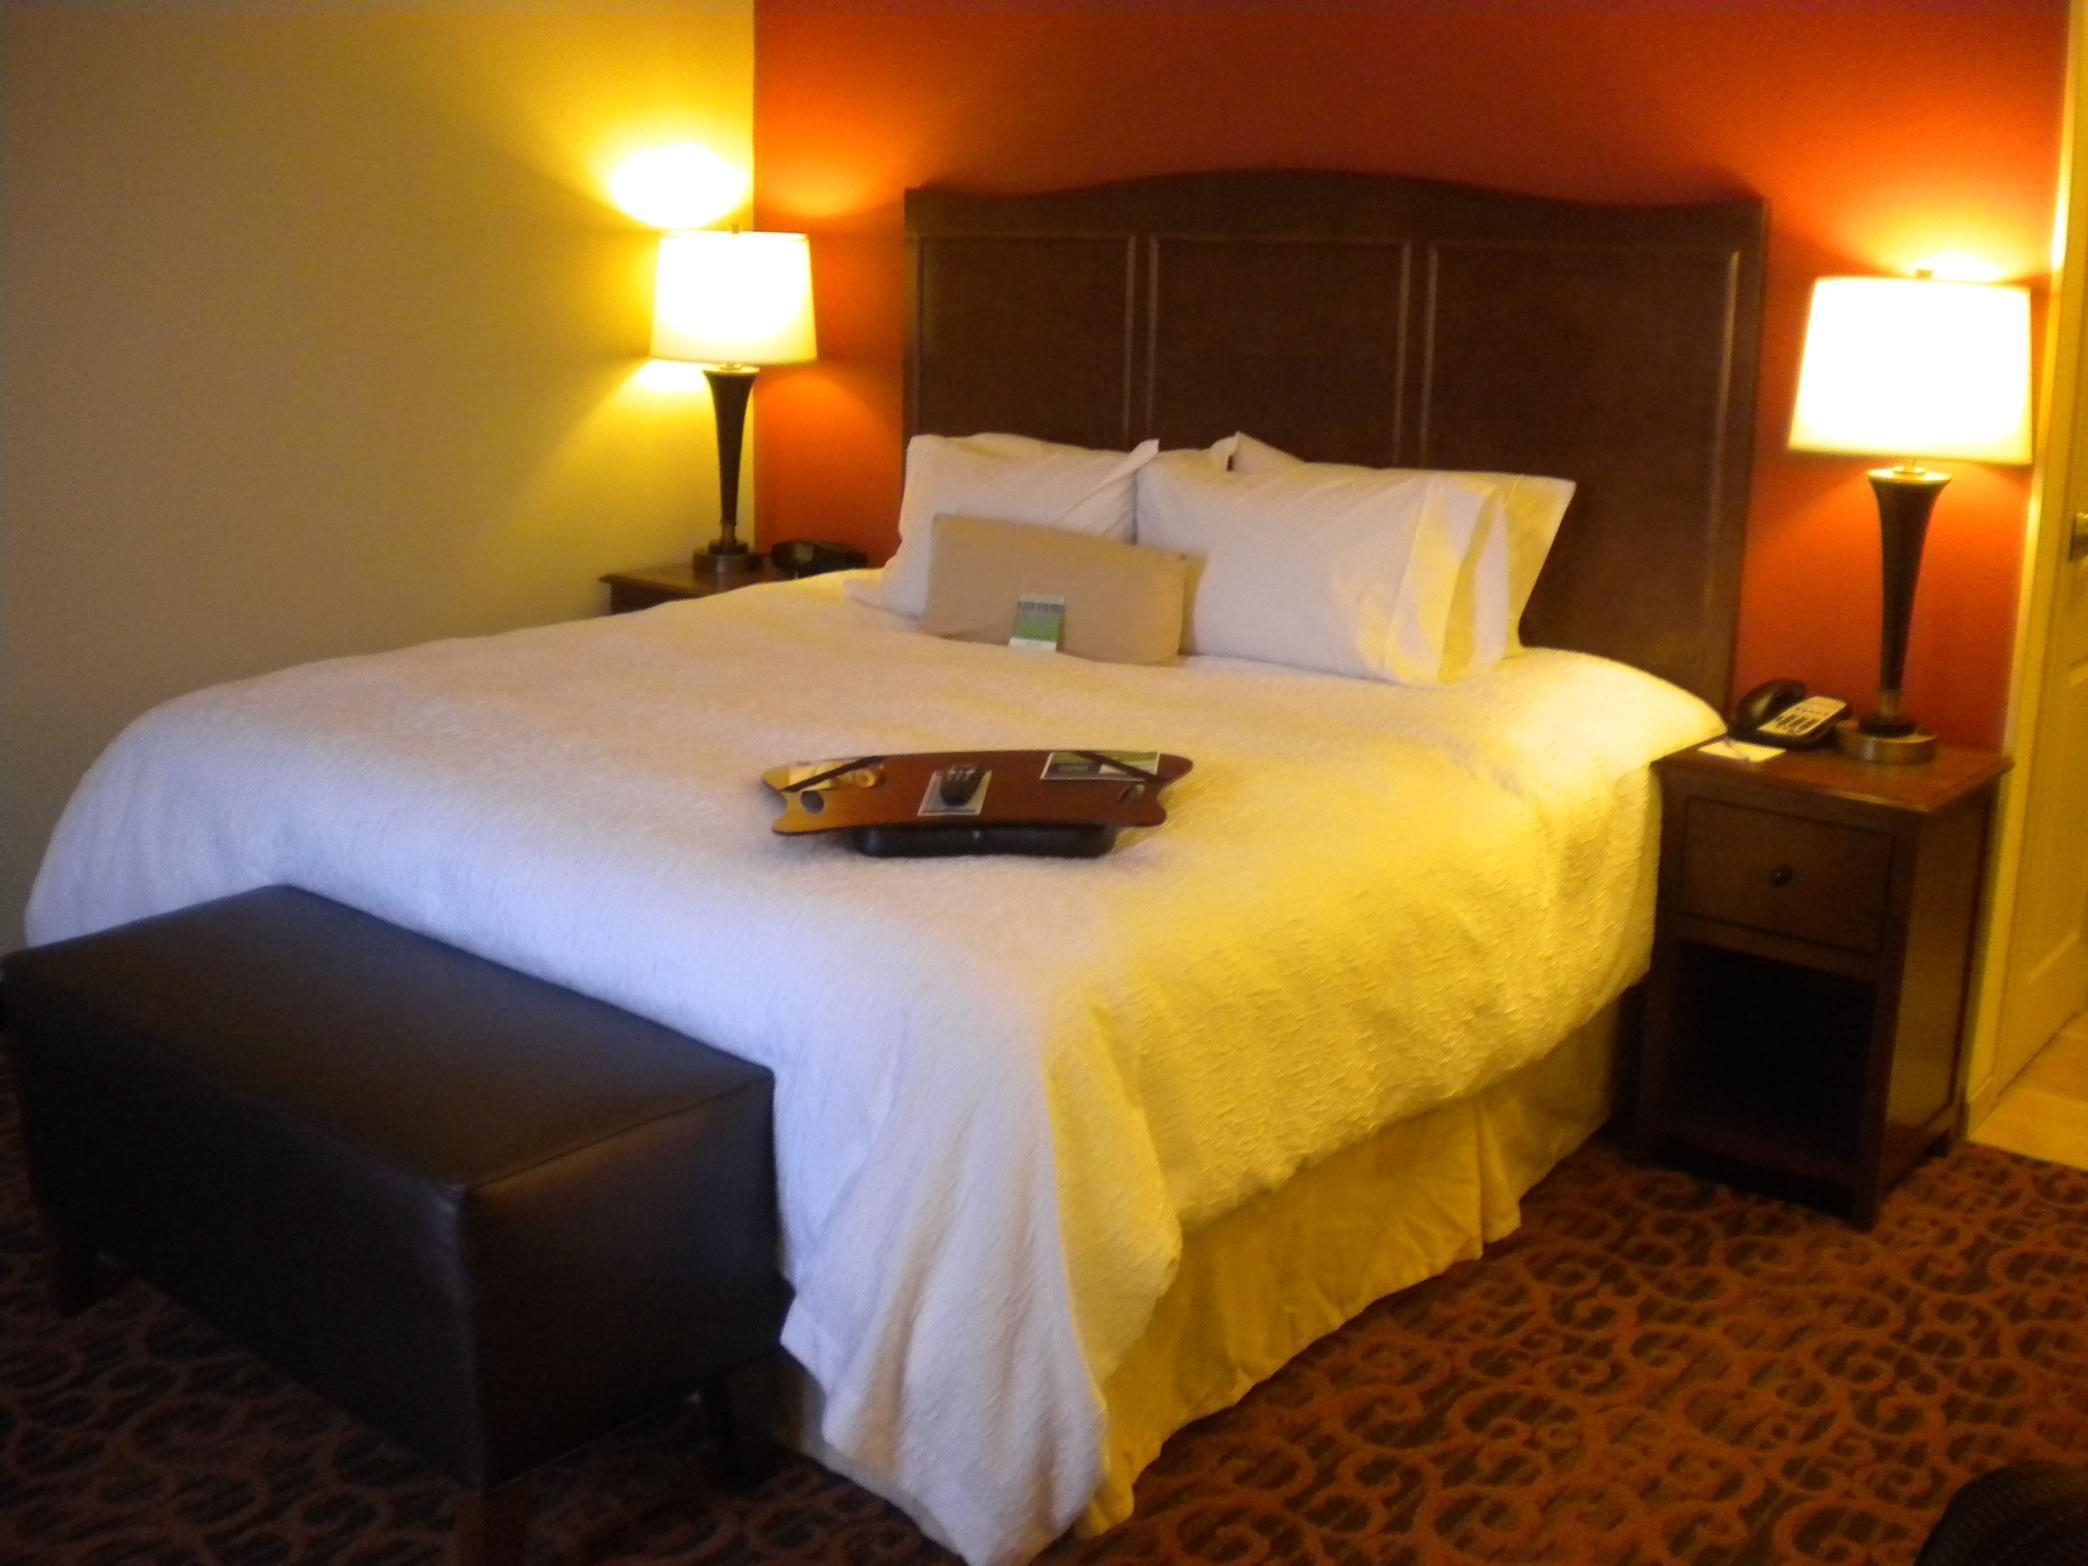 Hampton Inn & Suites Cincinnati/Uptown-University Area image 22